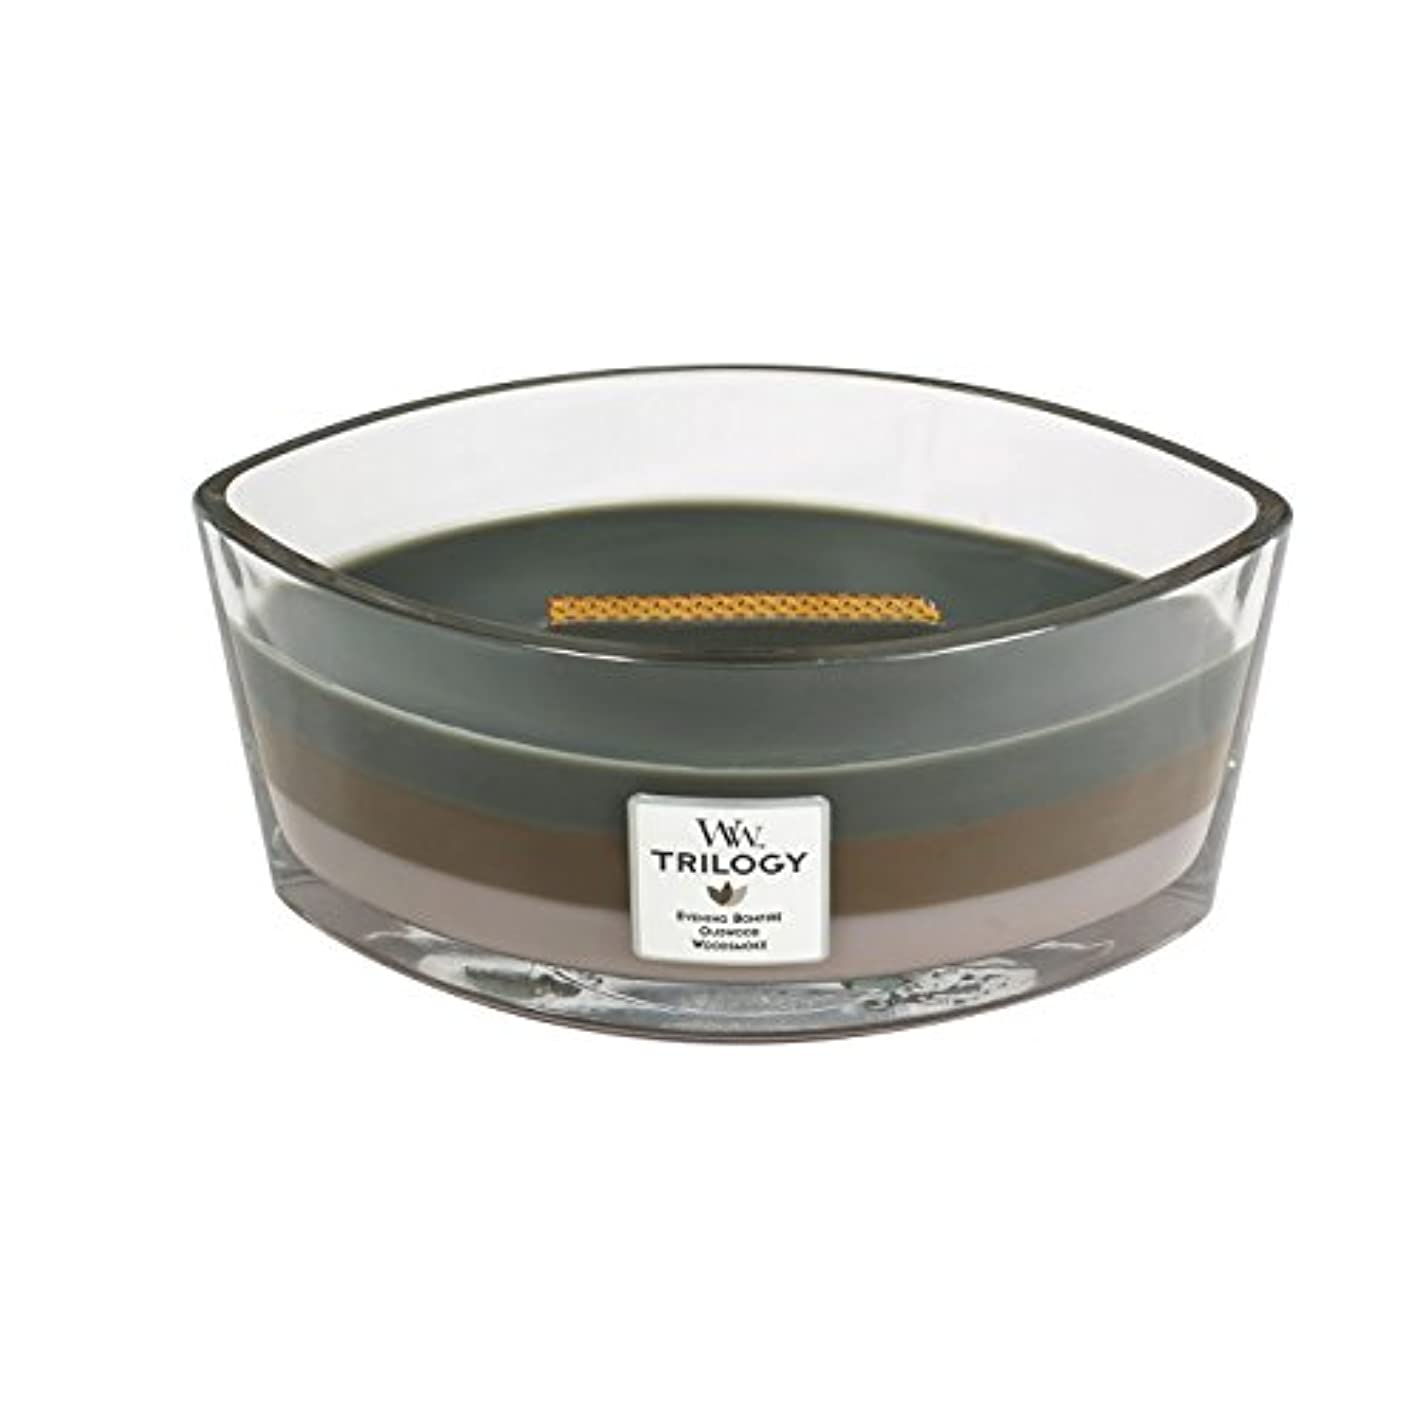 キャンドル準拠とにかくWoodWick Trilogy cosy CABIN, 3-in-1 Highly Scented Candle, Ellipse Glass Jar with Original HearthWick Flame, Large...